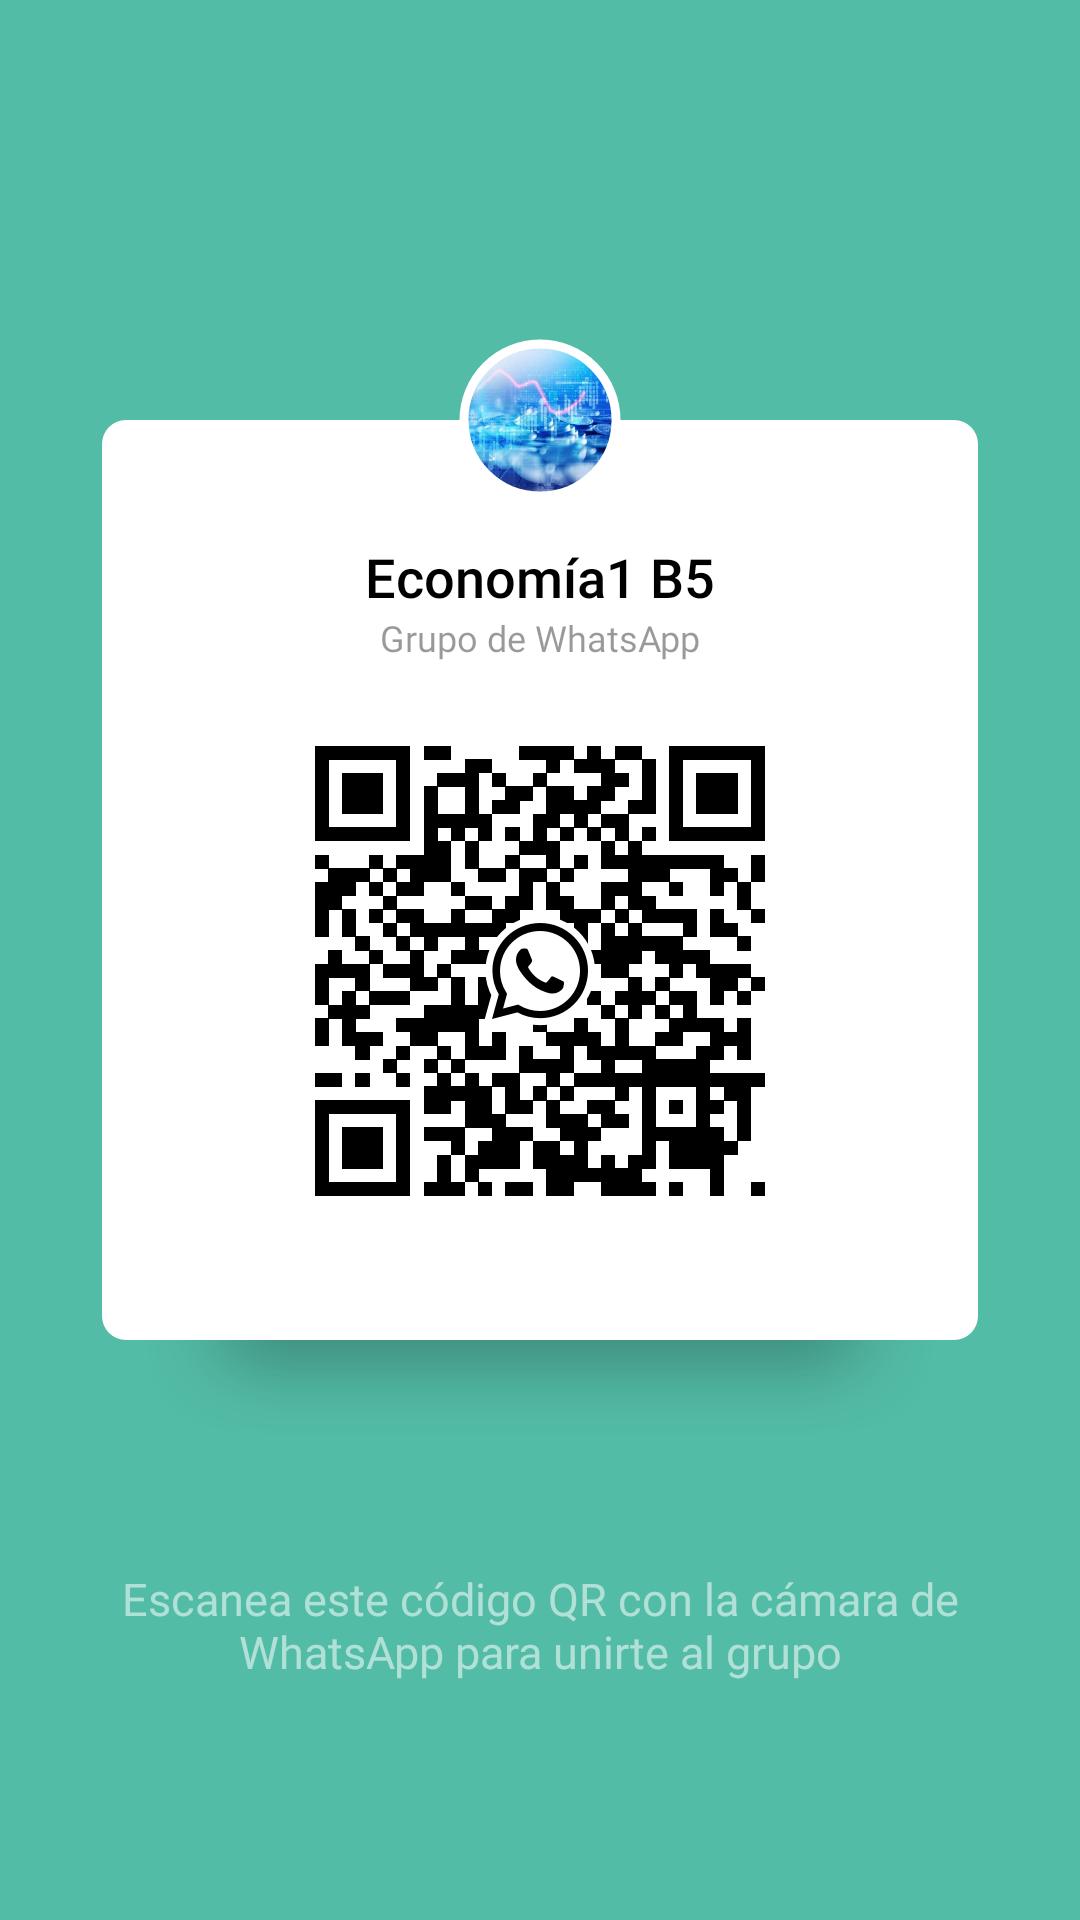 Economía1 B5